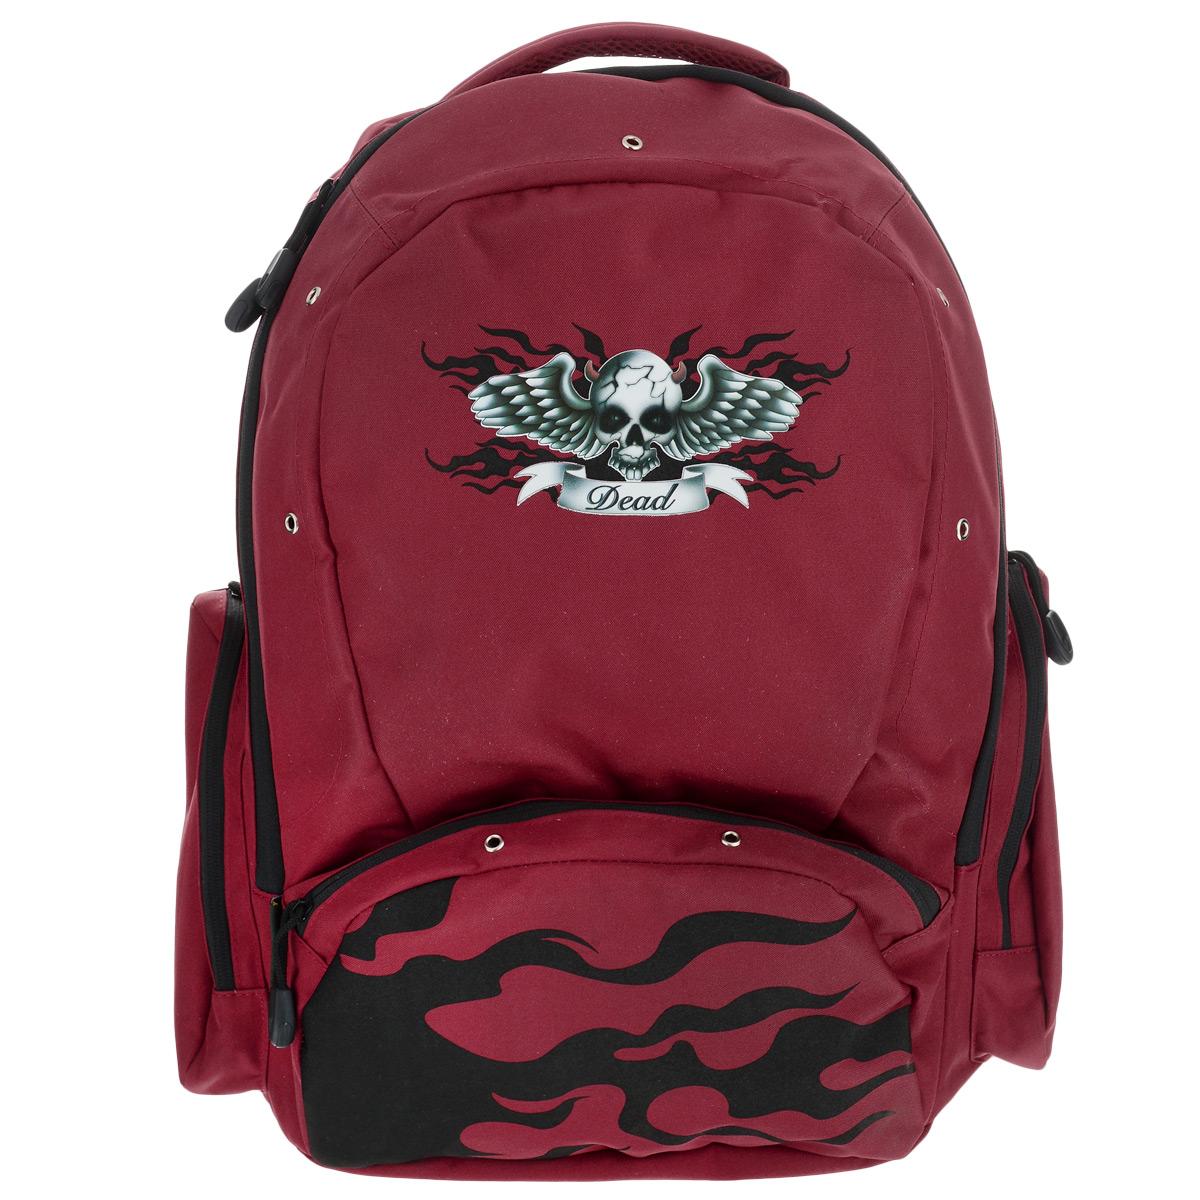 Рюкзак школьный Tiger Enterprise Babylon, цвет: красный, черныйOM-667-11/1Стильный школьный рюкзак Tiger Family Babylon - это красивый и удобный рюкзак, который подойдет всем, кто хочет разнообразить свои школьные будни. Благодаря анатомической рельефной спинке, повторяющей контур спины и двум эргономичным плечевым ремням, длина которых регулируется, у ребенка не возникнут проблемы с позвоночником. Ранец, выполненный из антибактериального, водоотталкивающего и не выгорающего на солнце материала, оформлен аппликацией и люверсами.Рюкзак имеет одно большое отделение, которое закрывается на молнию. Внутри большого отделения расположен накладной карман на резинке и маленький кармашек на молнии. По бокам рюкзака расположены два внешних кармана на молнии. Изделие оснащено удобной ручкой для переноски в руках. Эргономичный школьный рюкзак Tiger Family Babylon станет незаменимым спутником вашего ребенка в походах за знаниями.